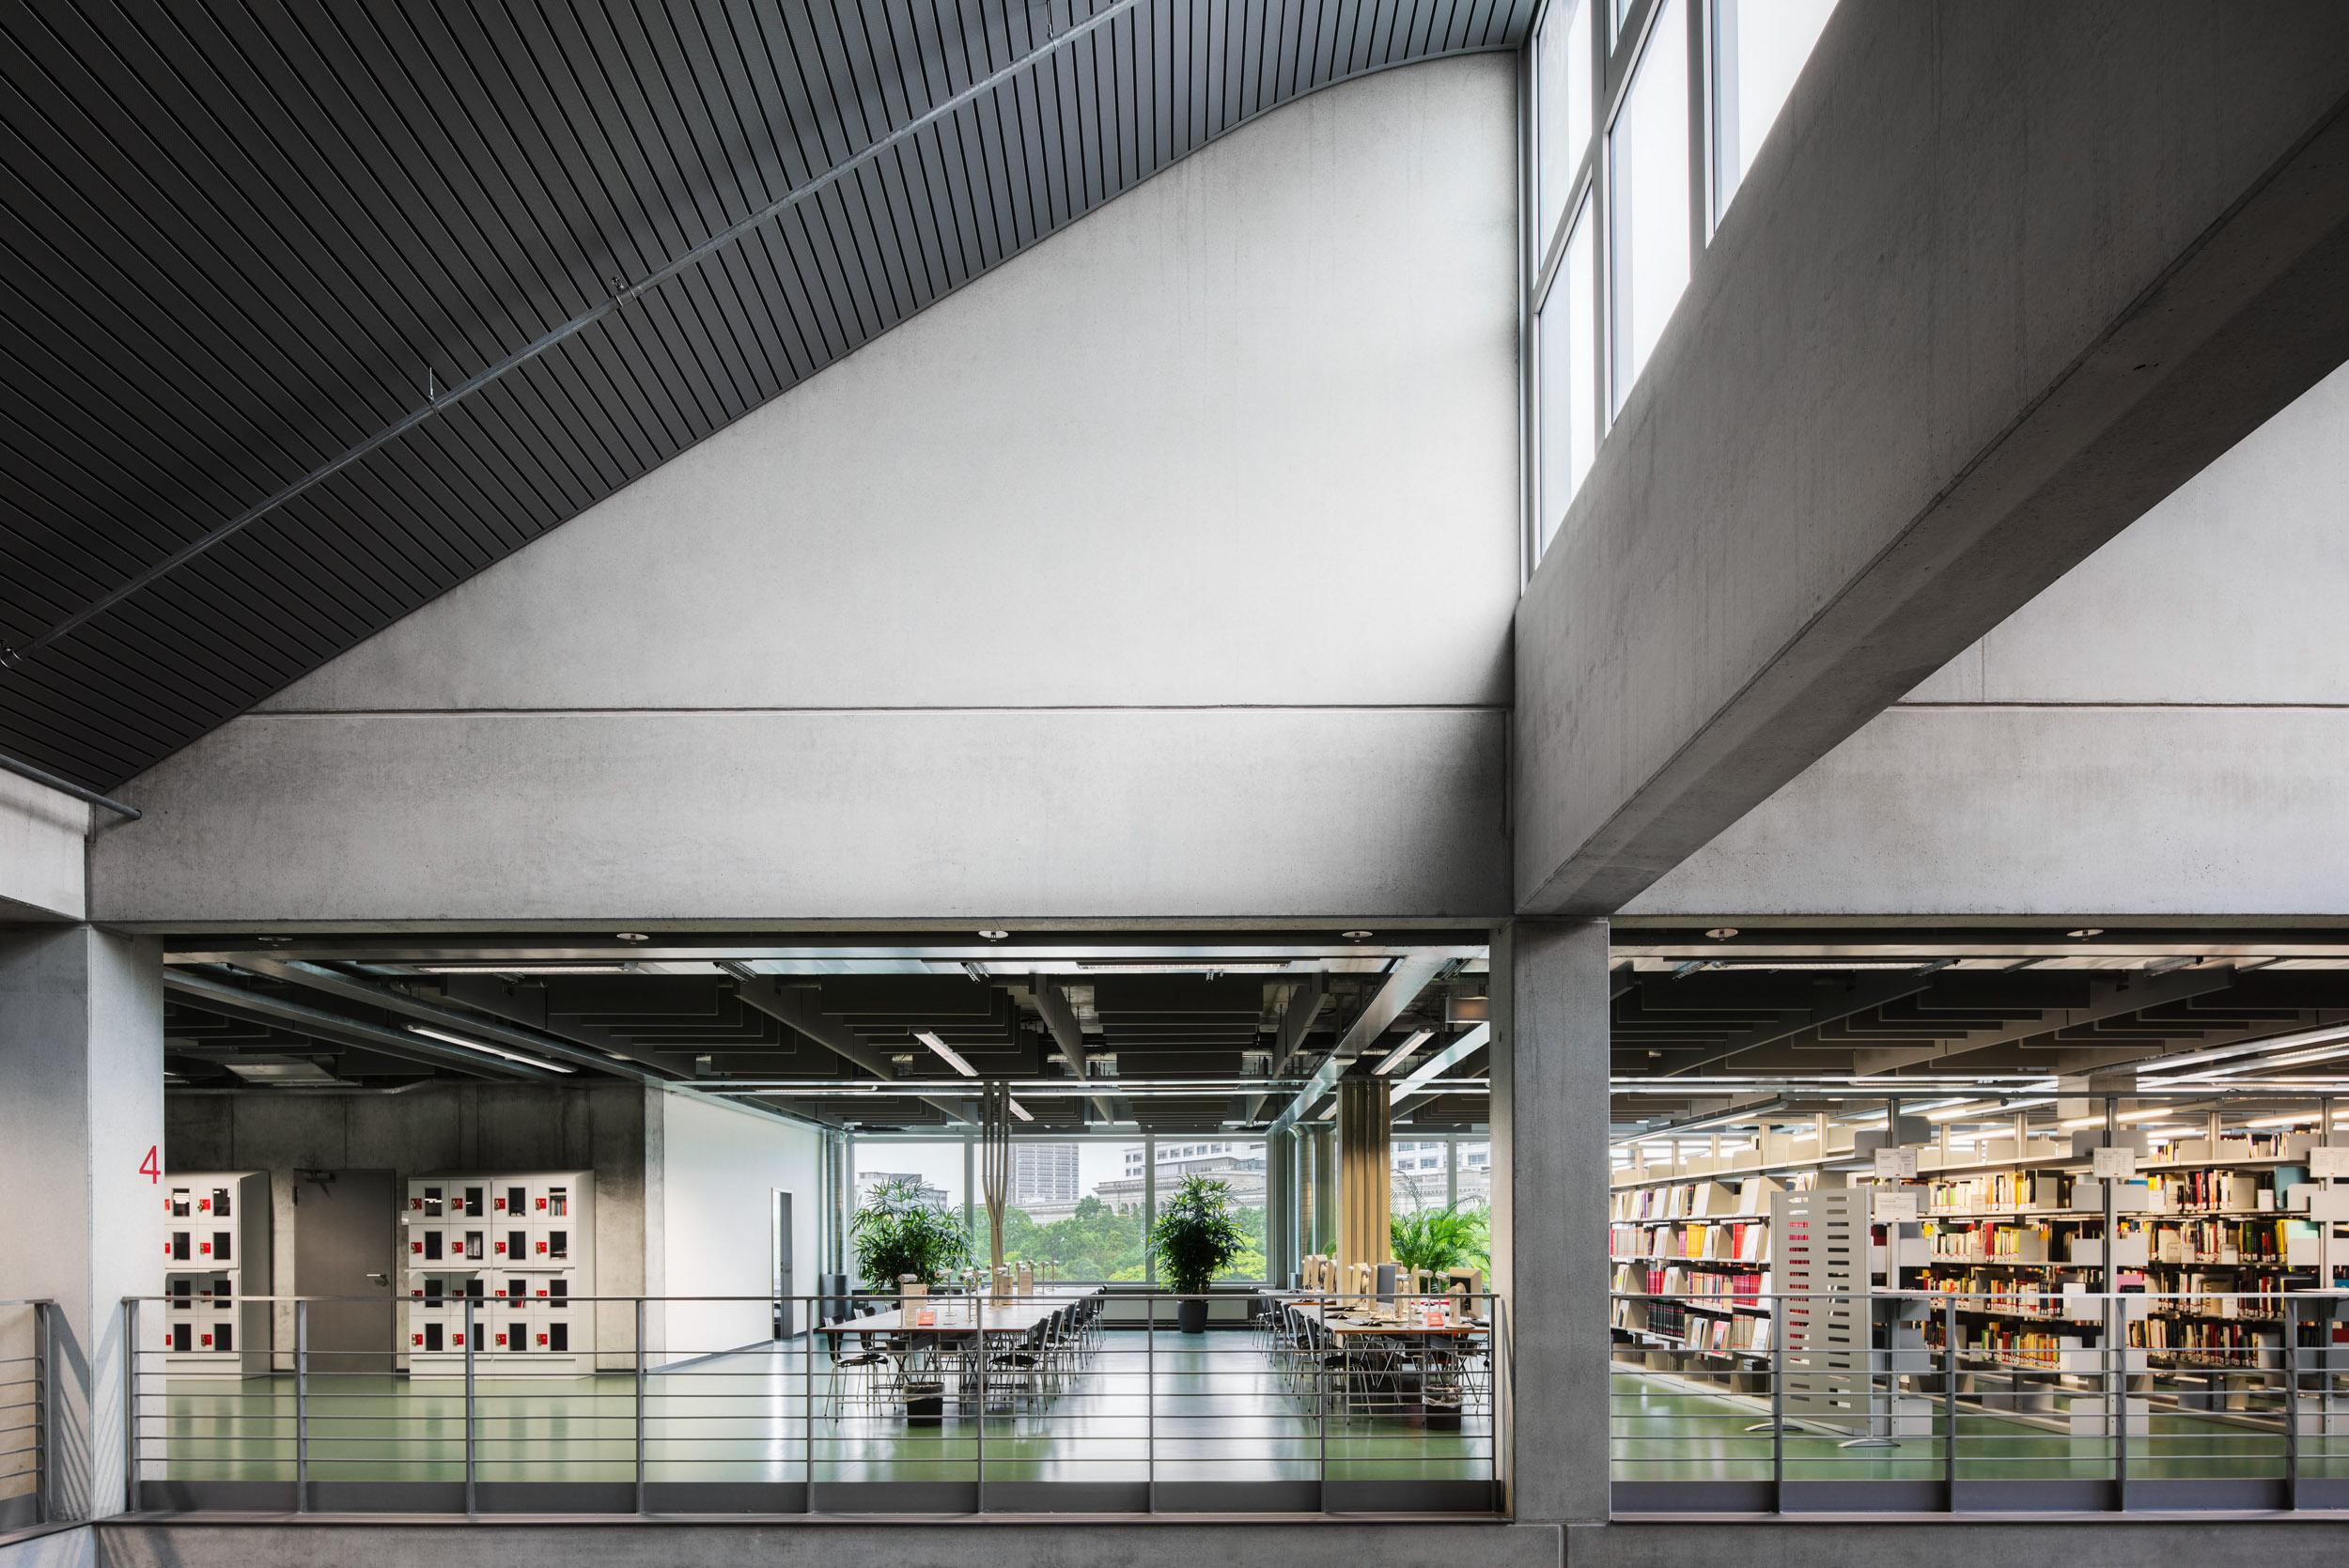 Gustav-Epple-Bauunternehmung-Bibliothek-Technische-Universität-Berlin_MLX6037